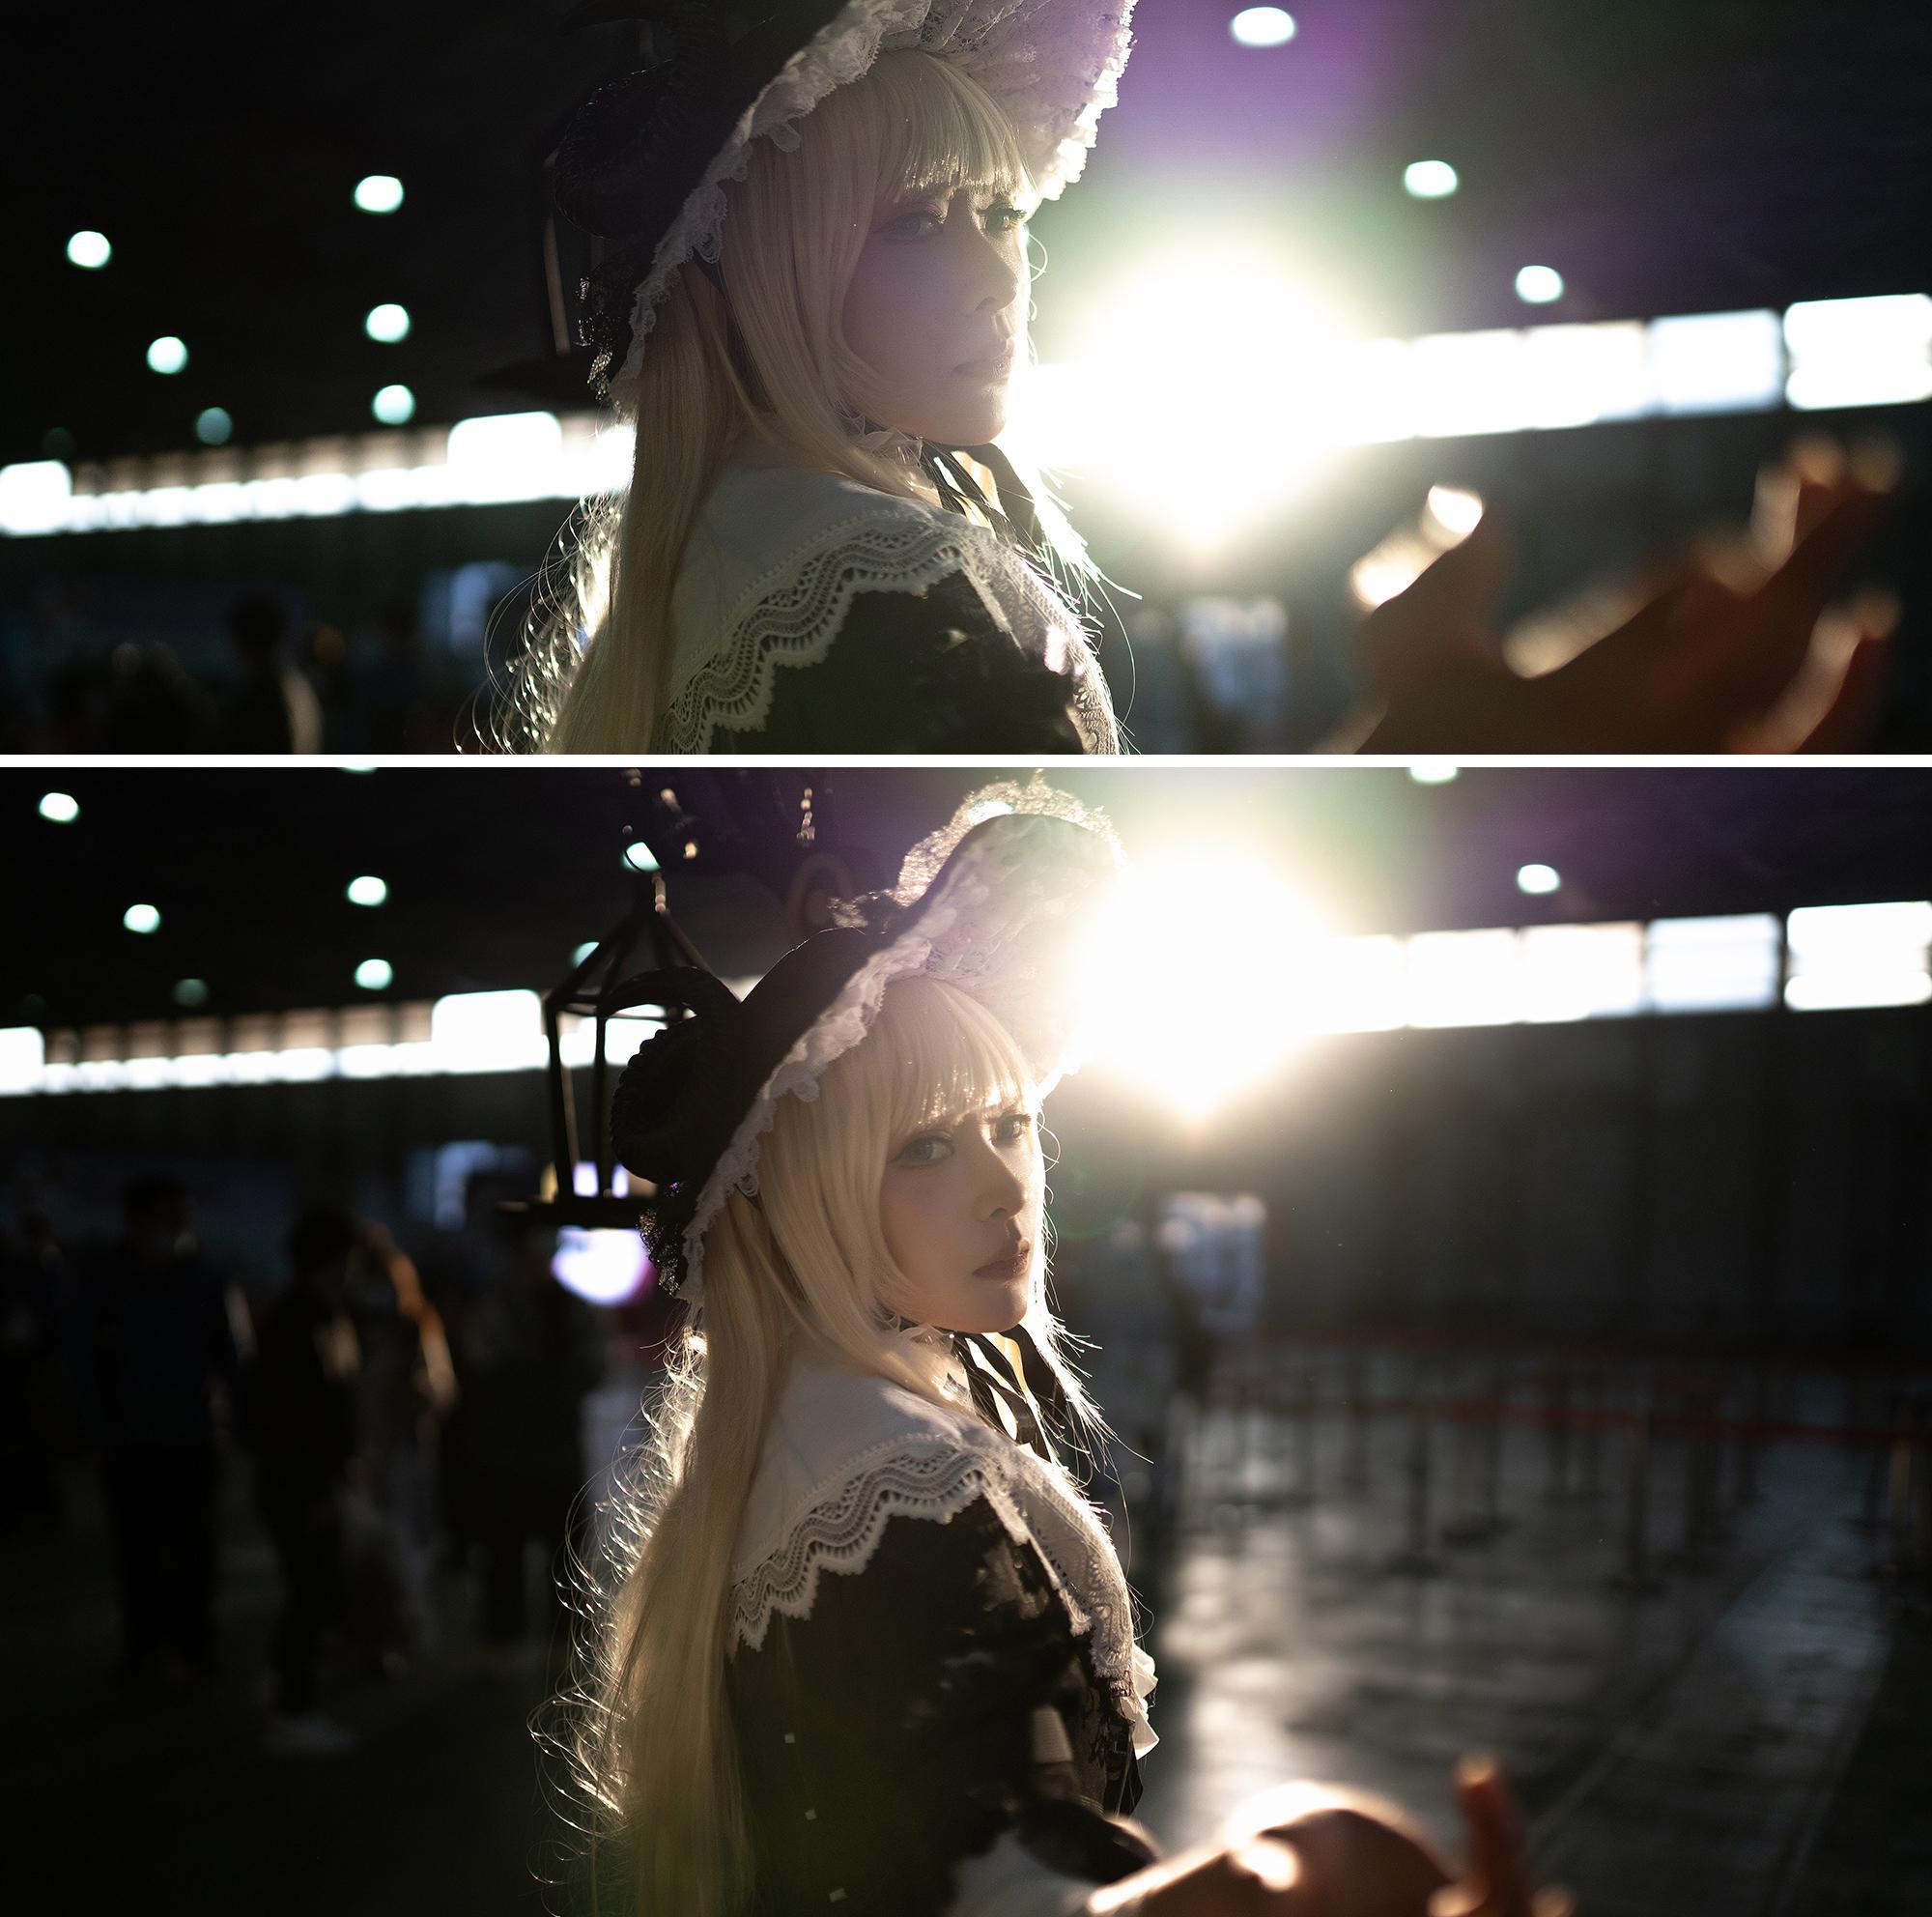 《明日方舟》漫展cosplay【CN:芸隱】-第7张